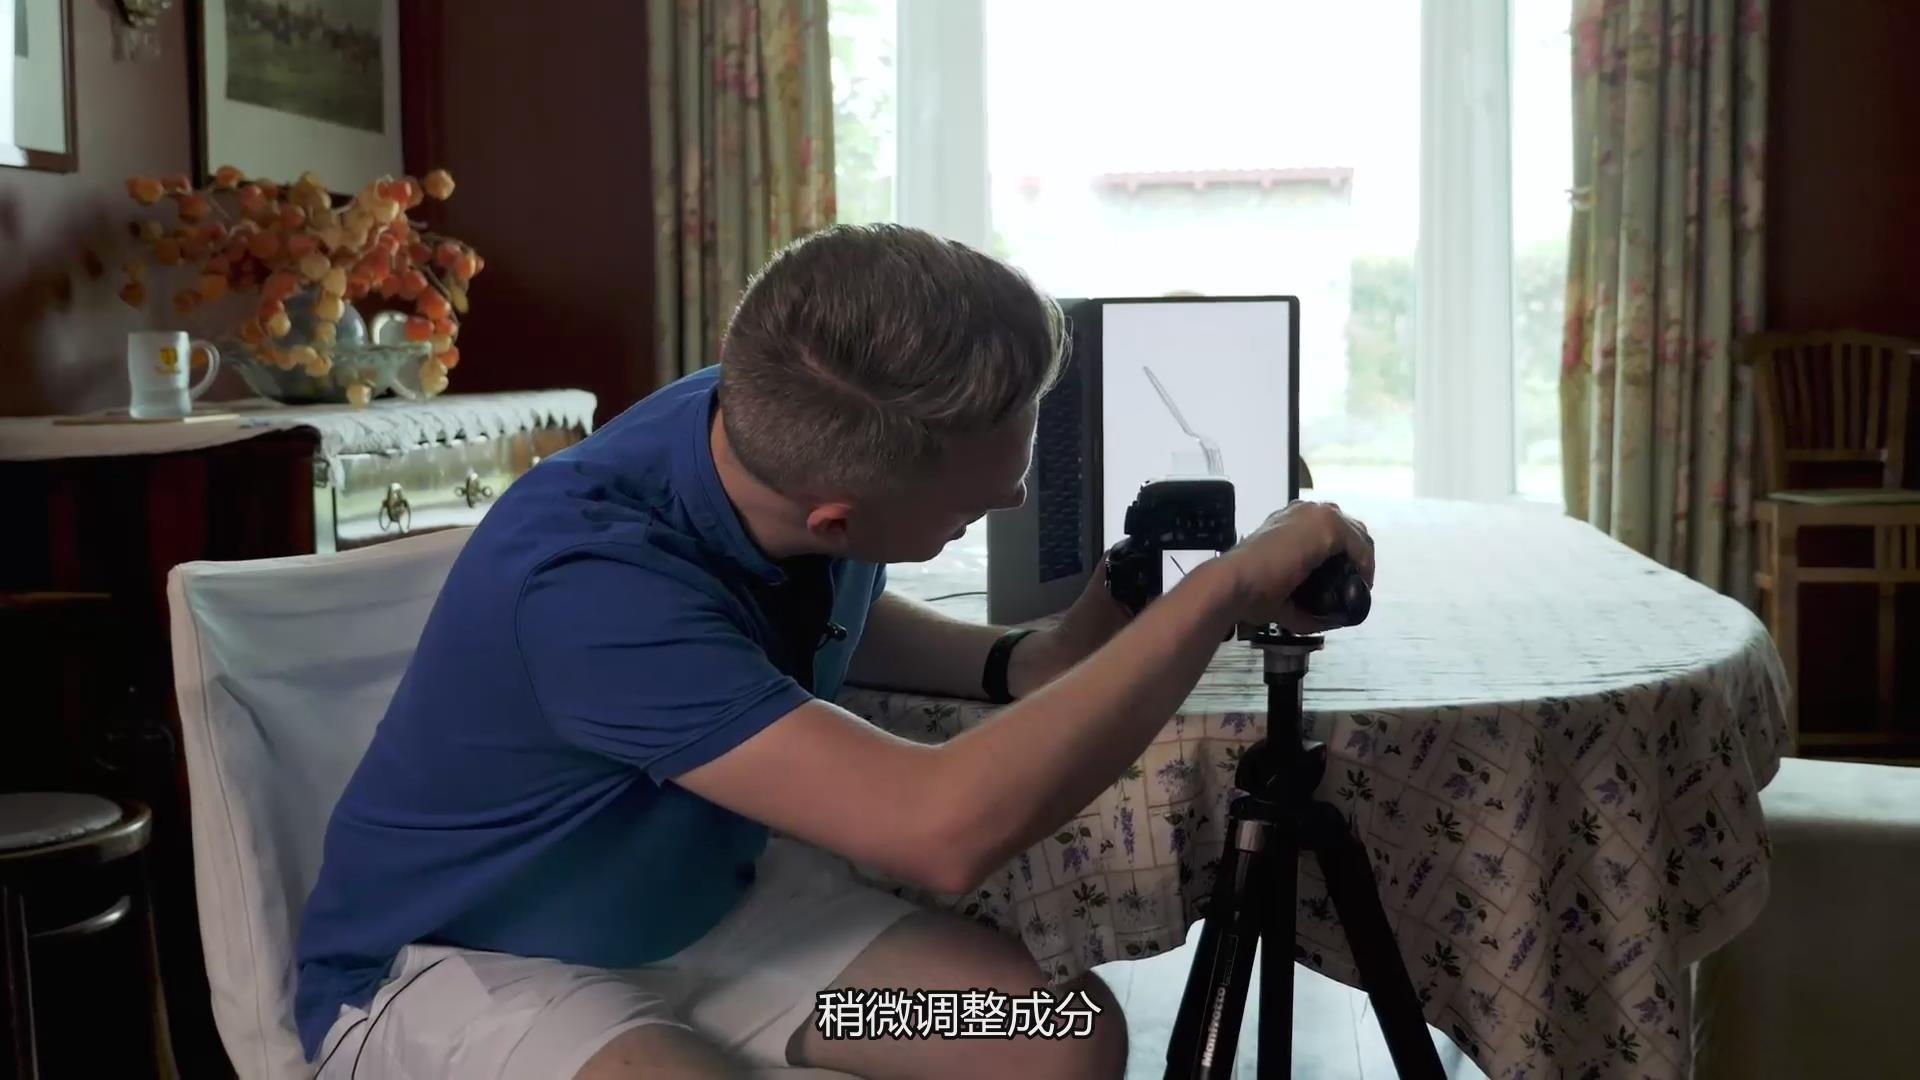 摄影教程_JOSHUA DUNLOP-30天创意摄影产品项目视频课程-中文字幕 摄影教程 _预览图7